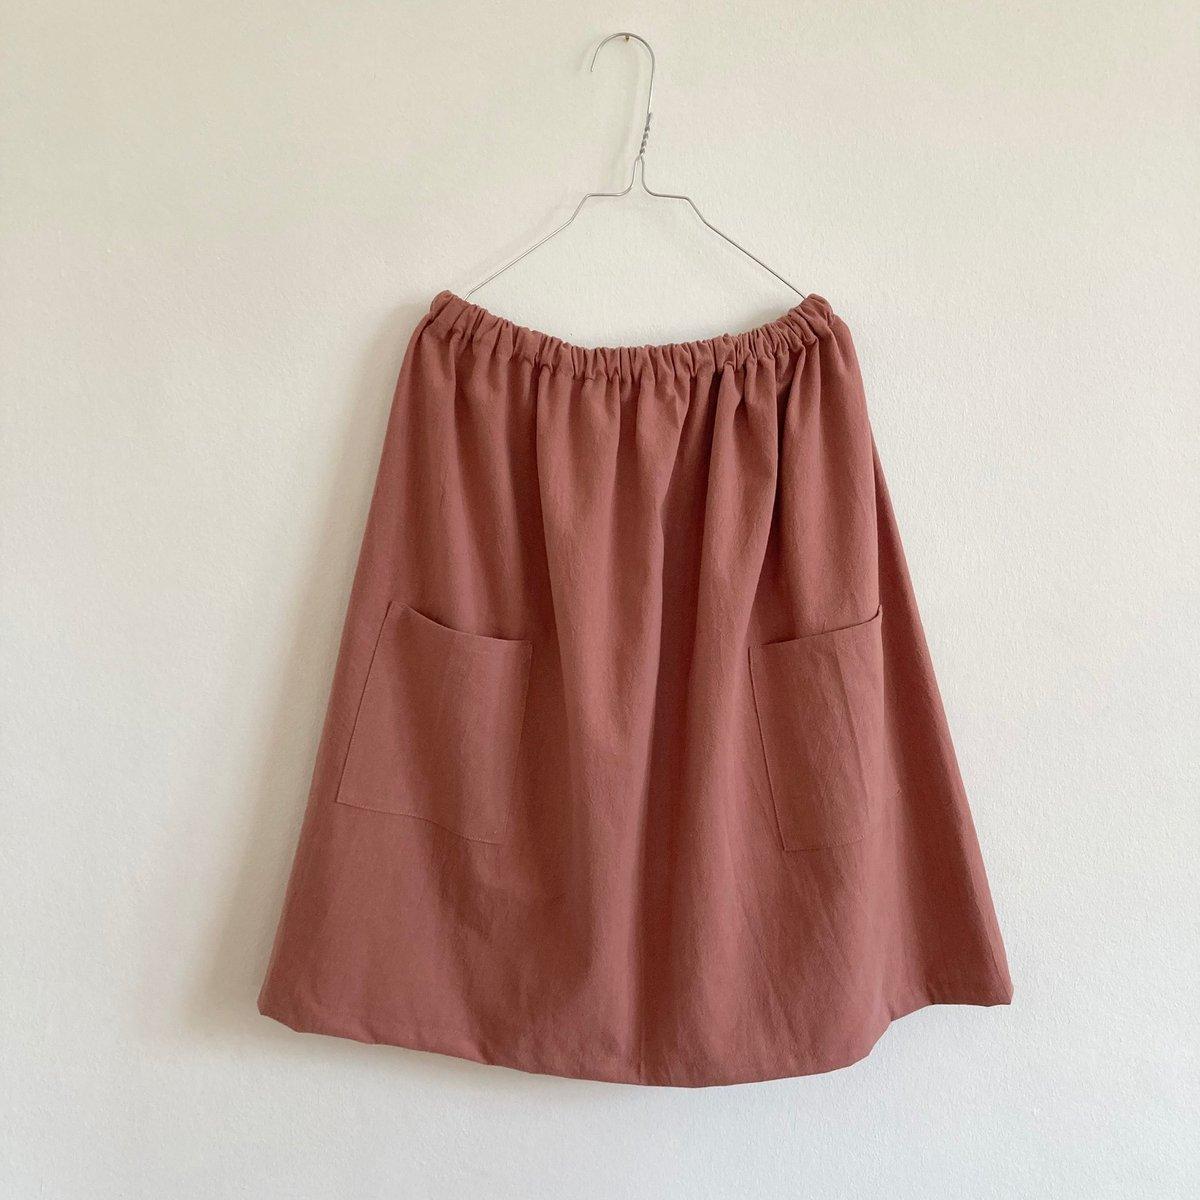 Uva Skirt-clay pink